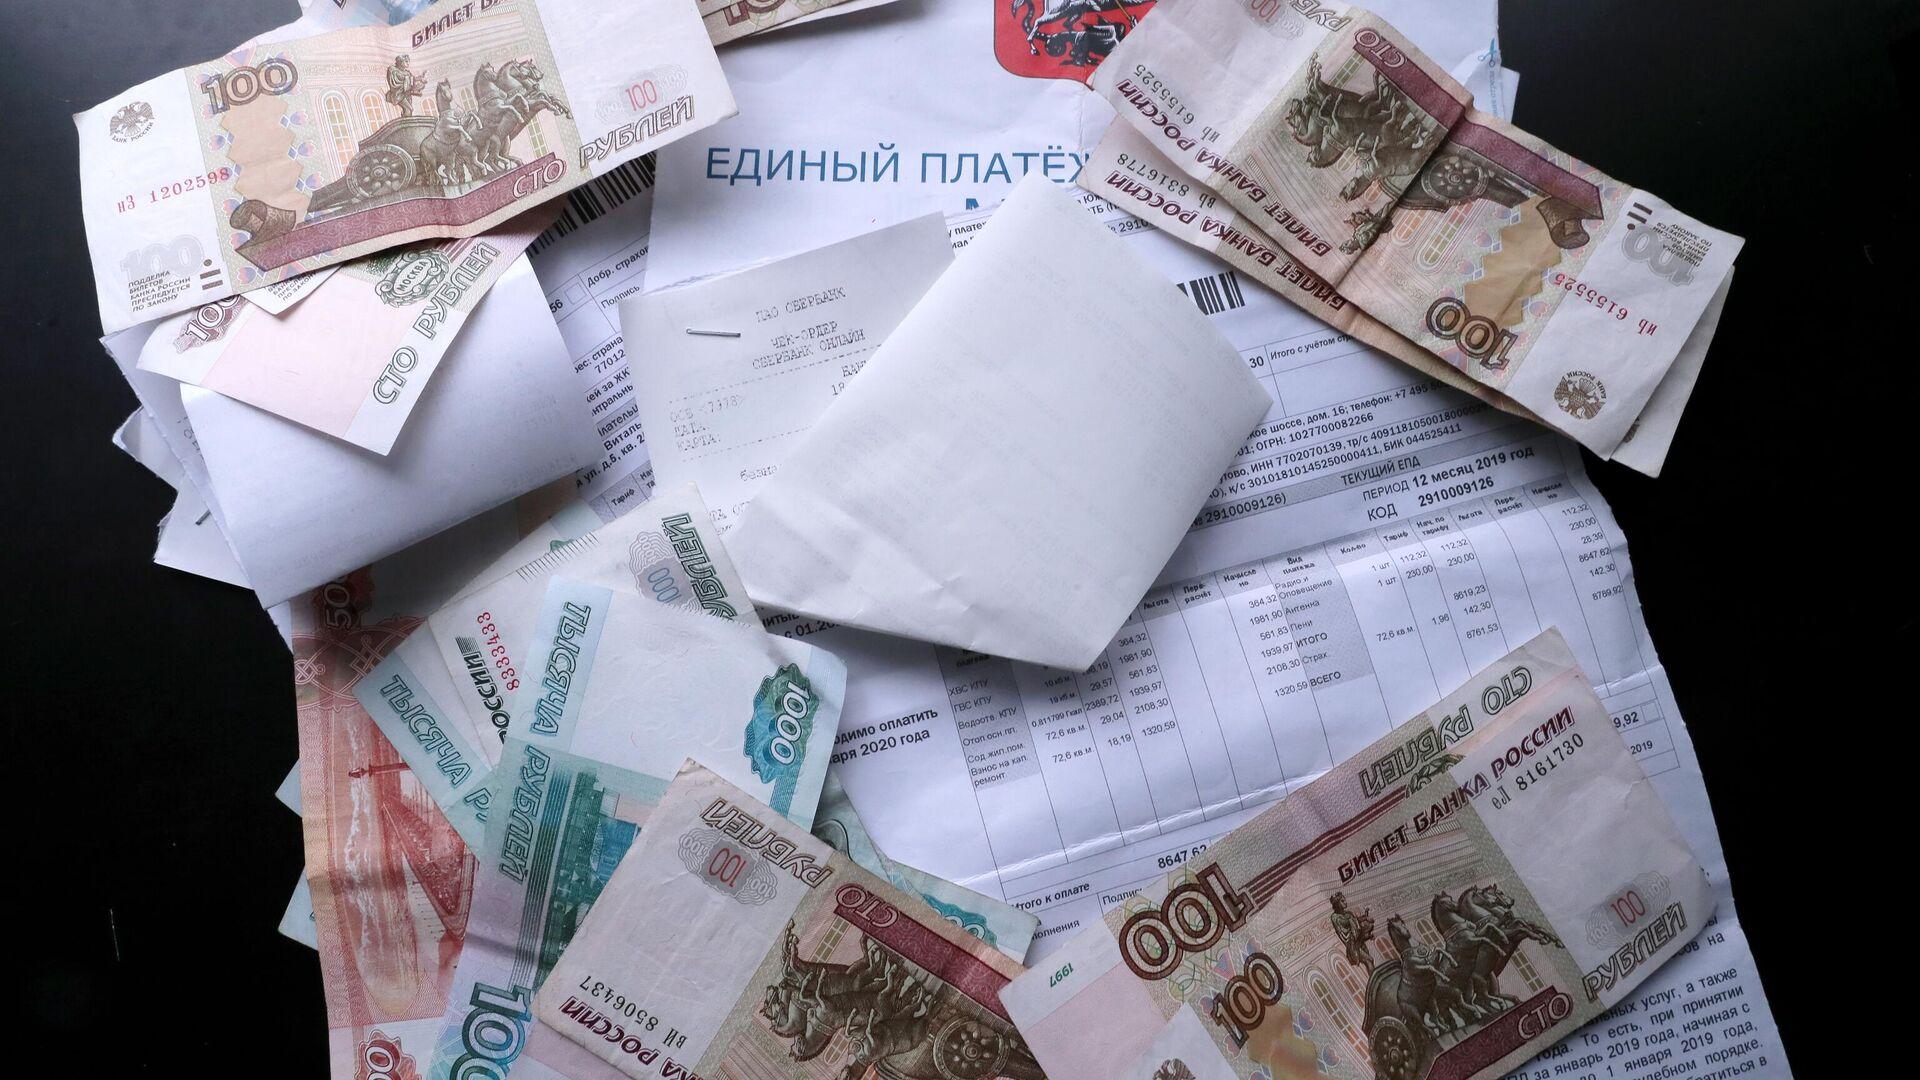 Денежные купюры и квитанции за оплату коммунальных услуг - РИА Новости, 1920, 06.08.2021